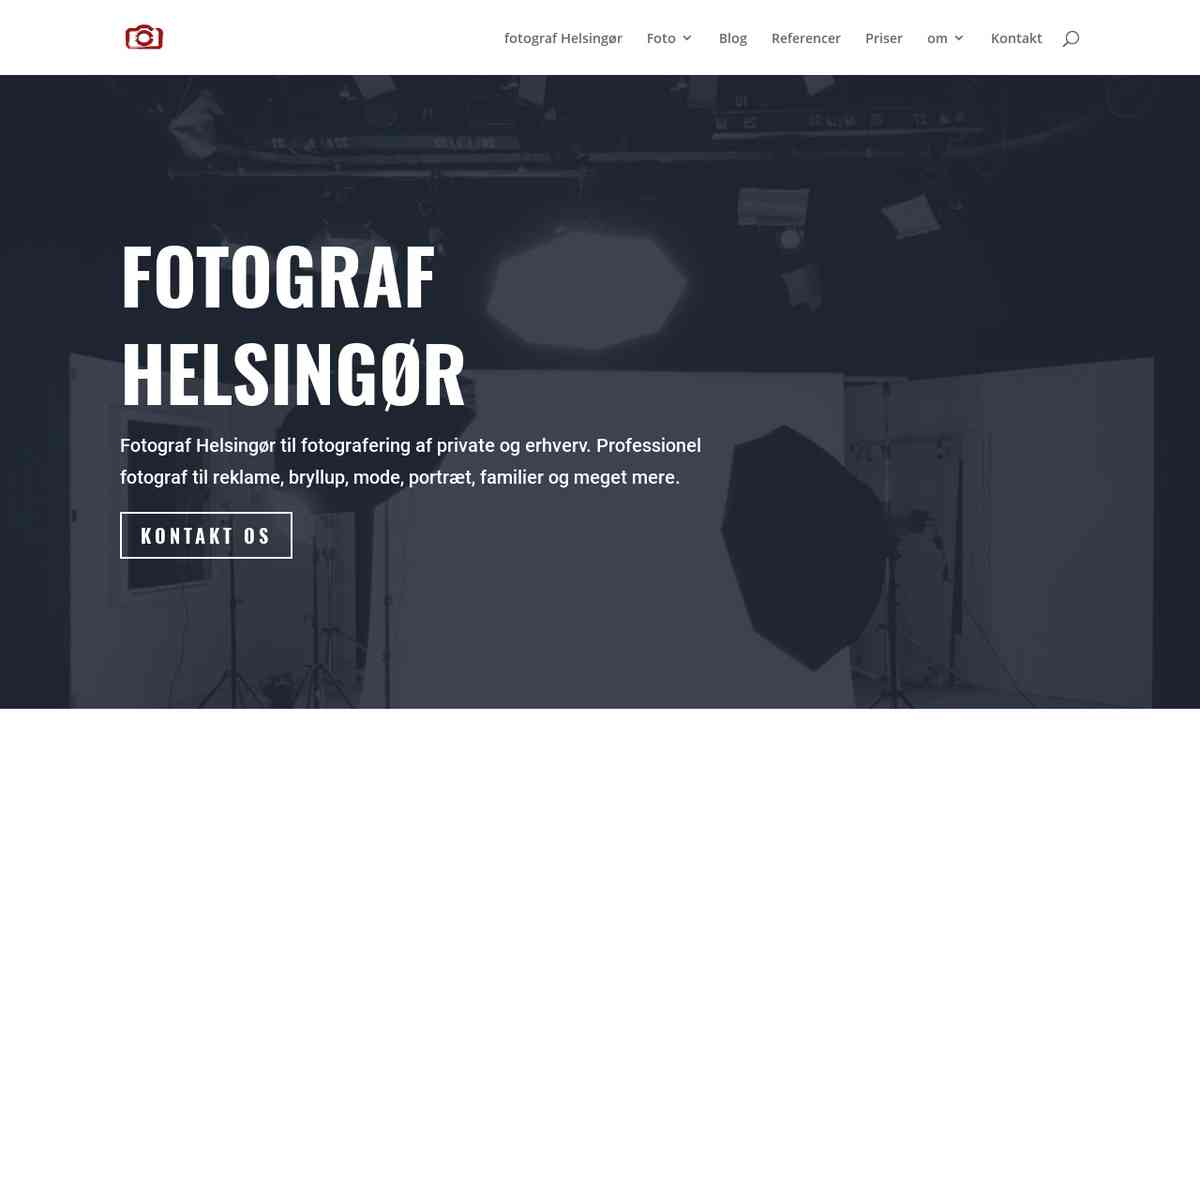 Fotograf Helsingør